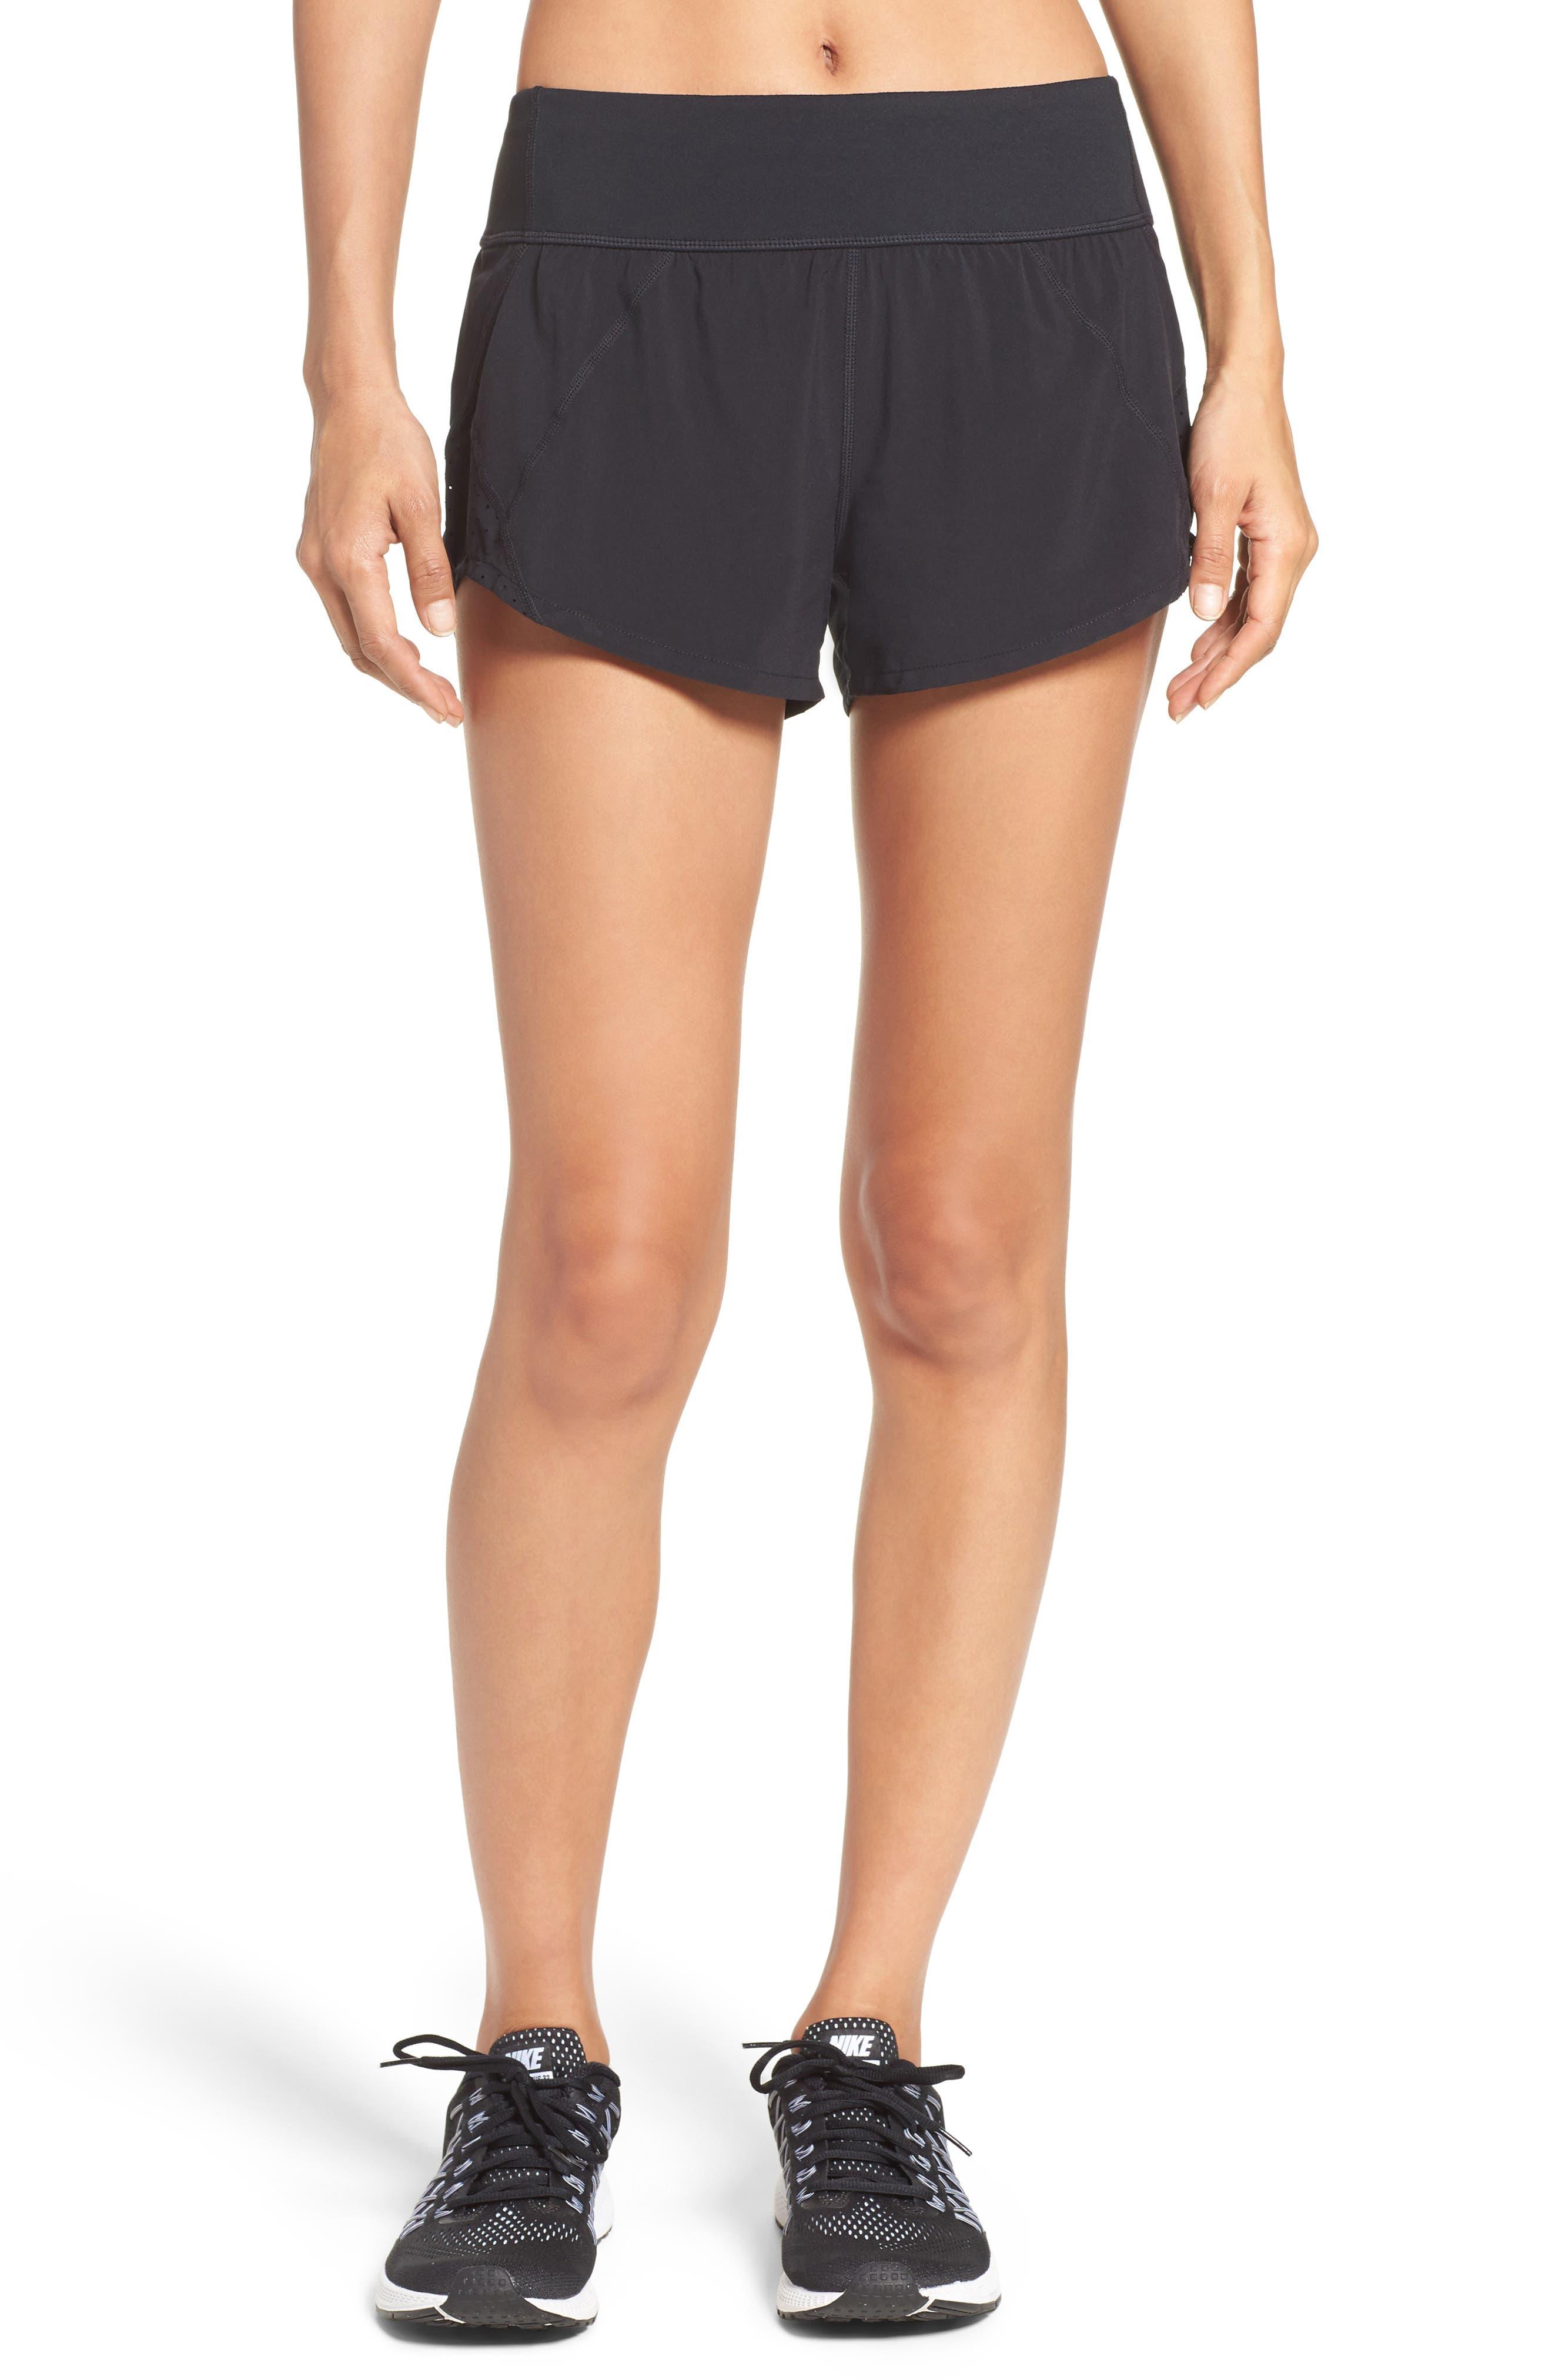 Runaround Compact Shorts,                             Main thumbnail 1, color,                             001